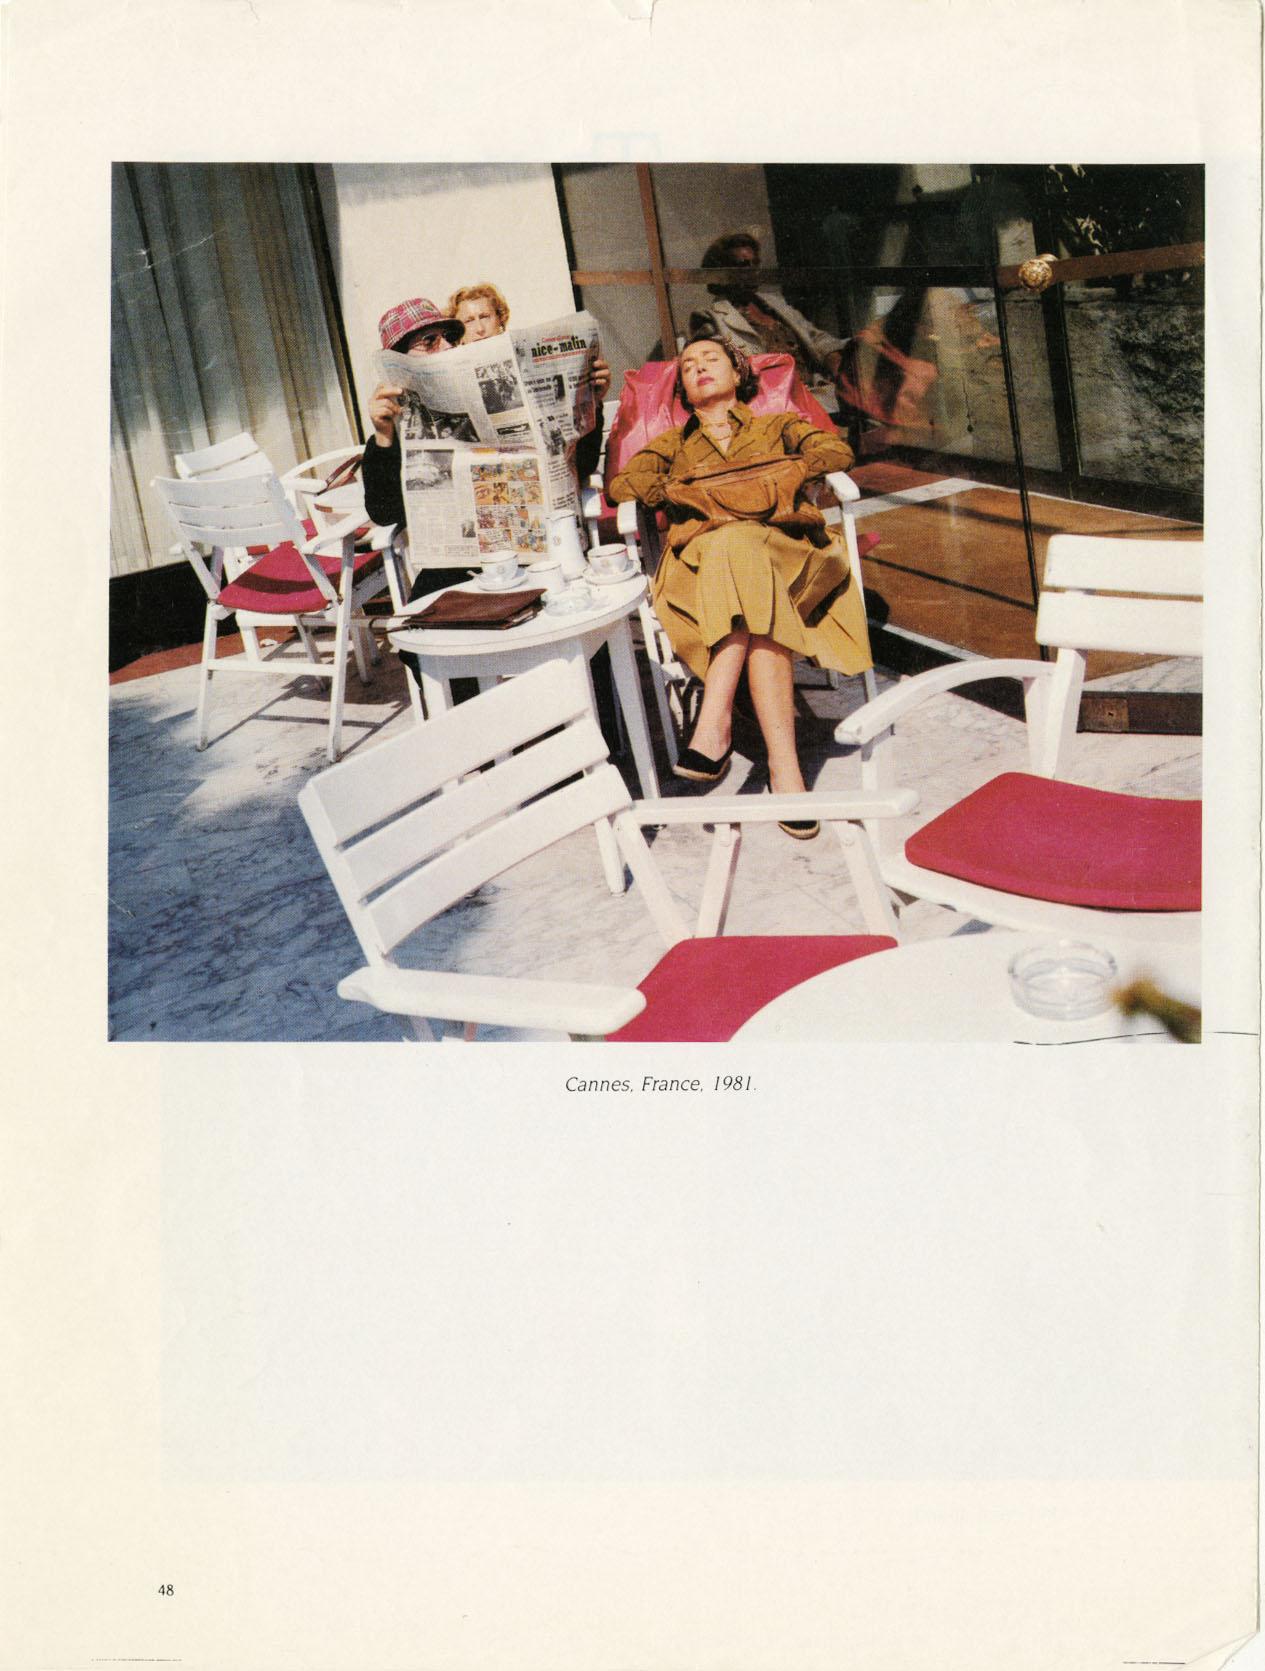 Vanity Fair - Dolce Via - 1982_002.jpg